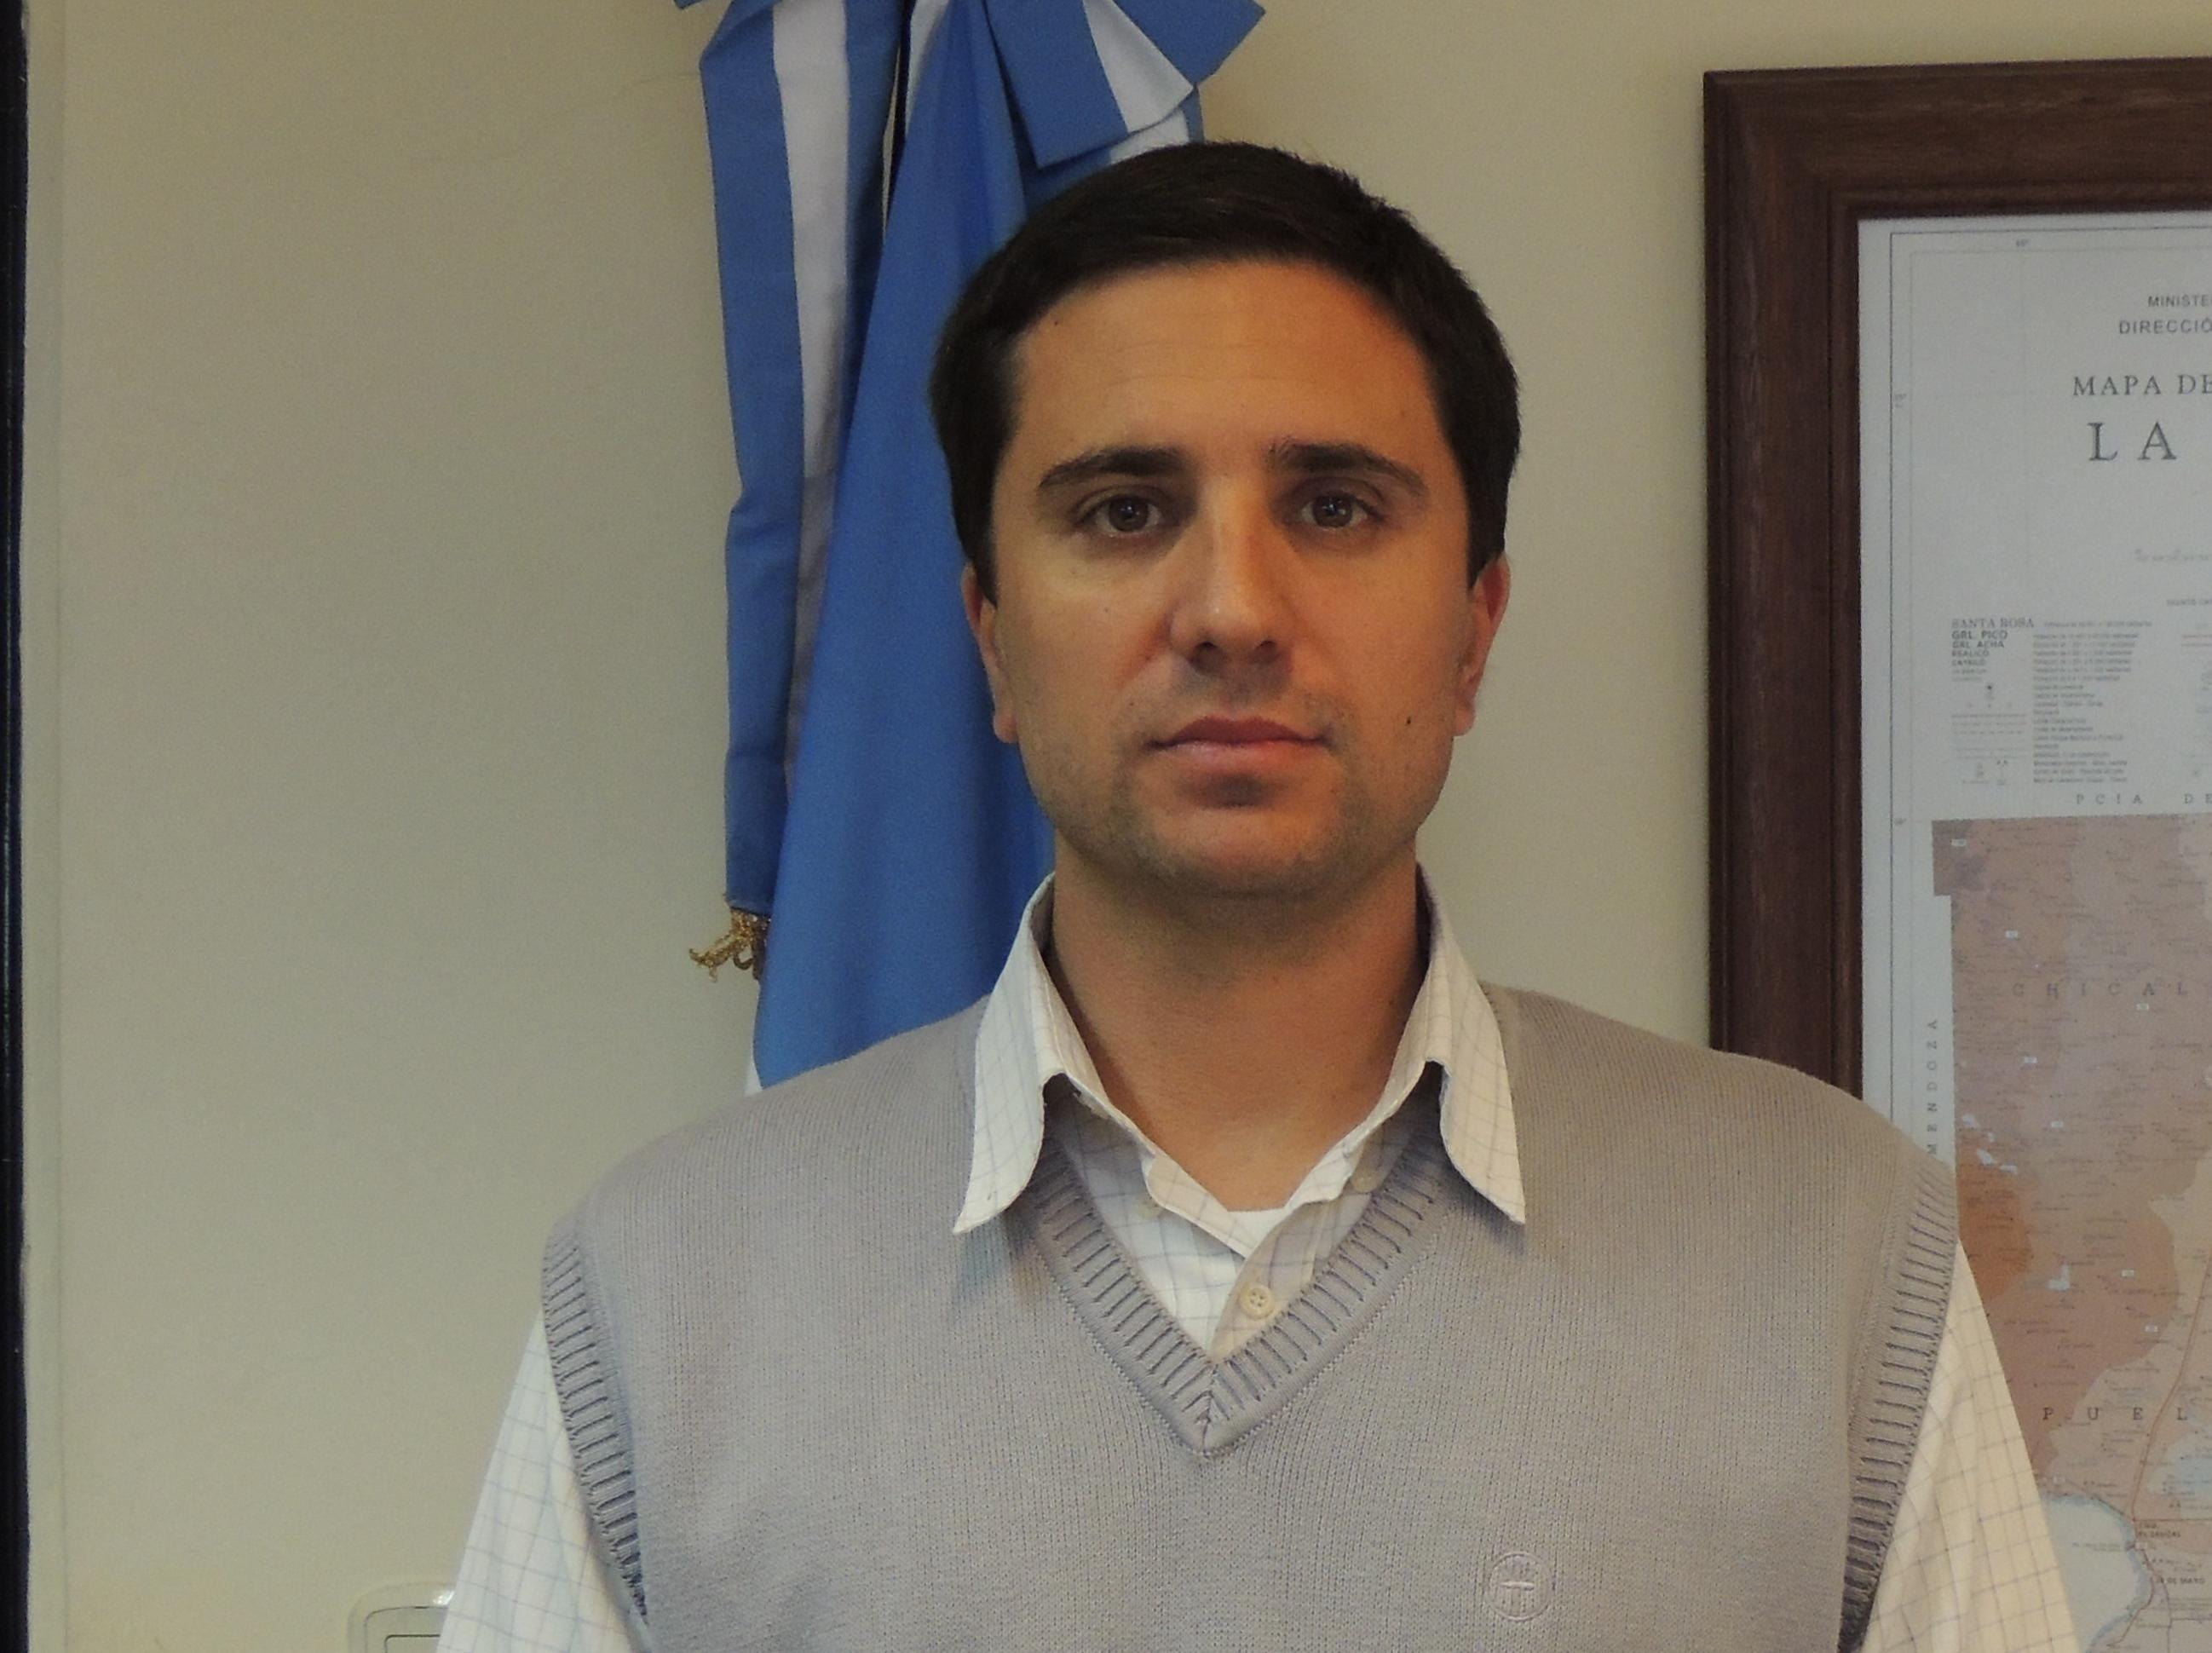 Lautaro Córdoba Subsecretario de Turismo de la provincia de La Pampa